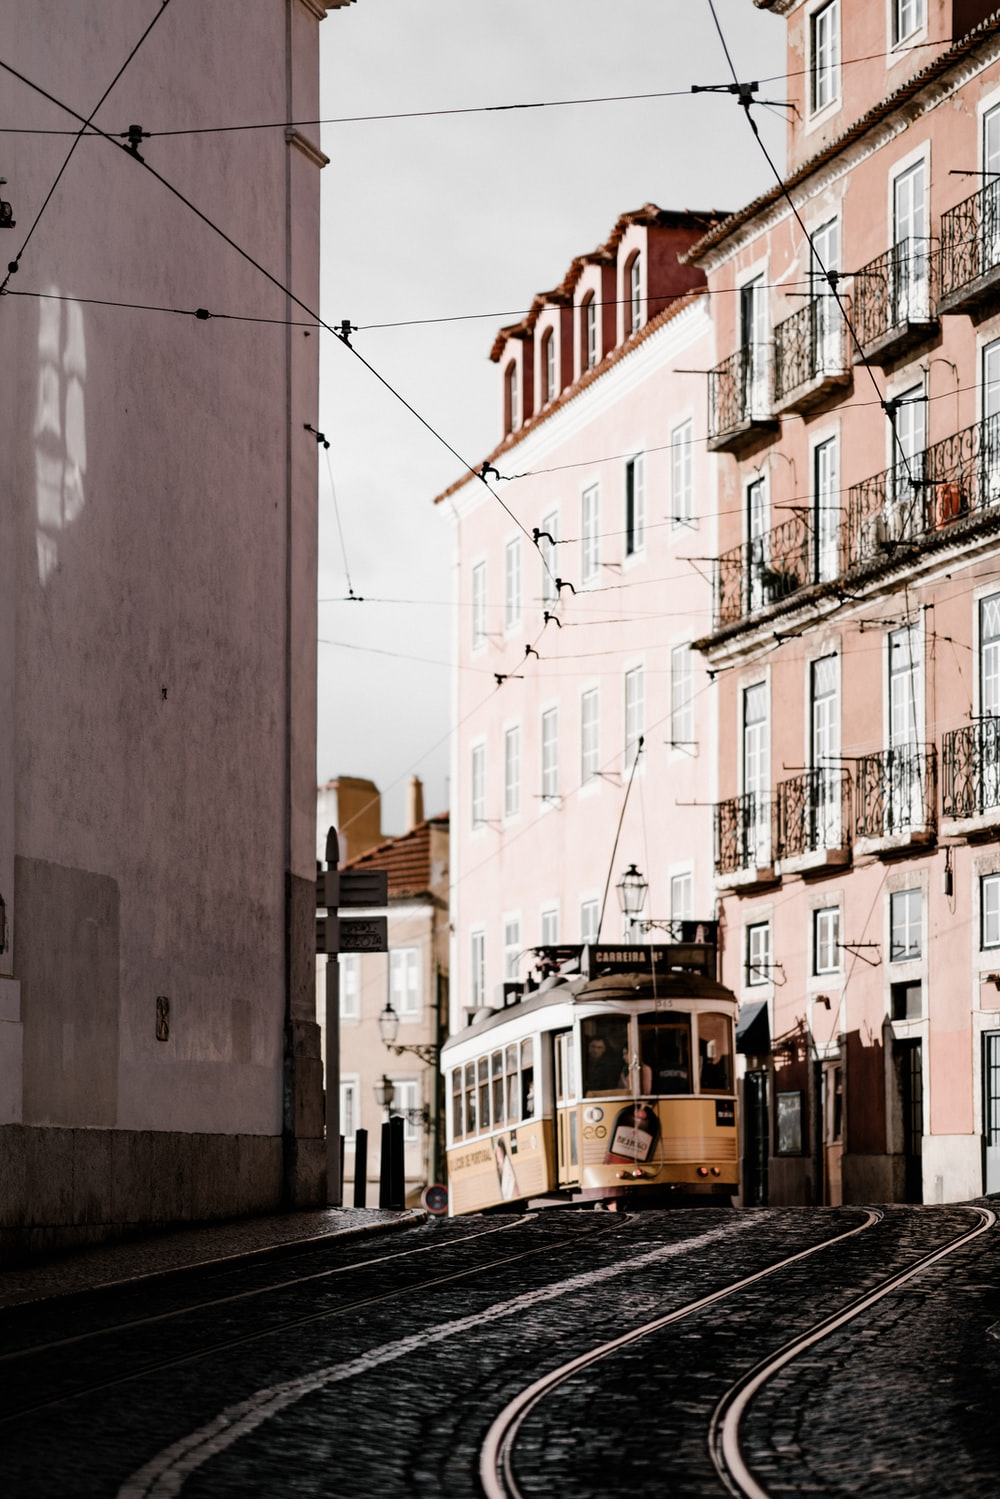 beige tram in city